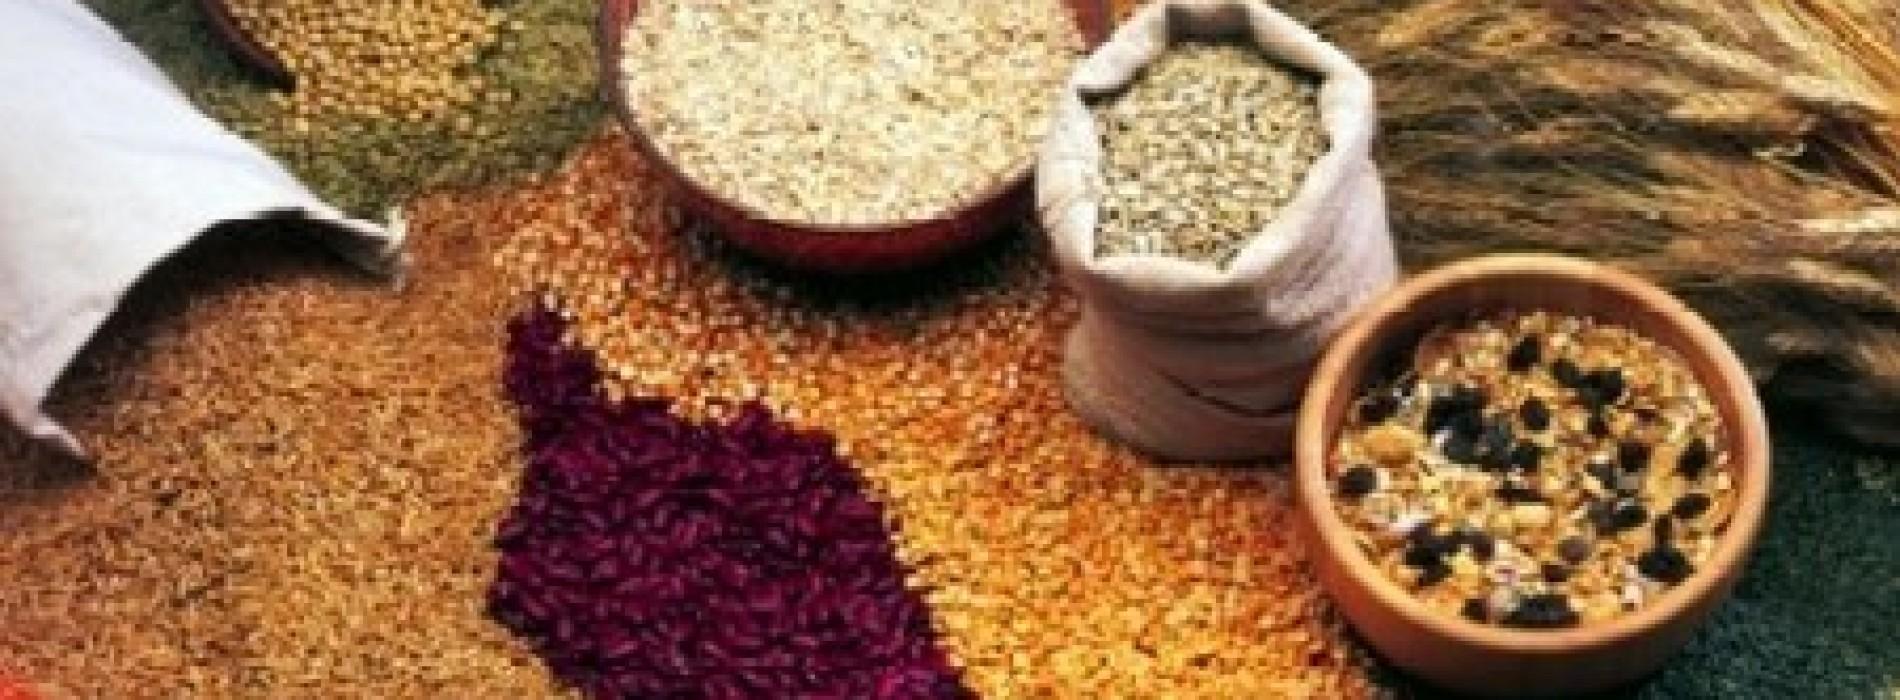 Cerealicultura: il benessere viene da lontano